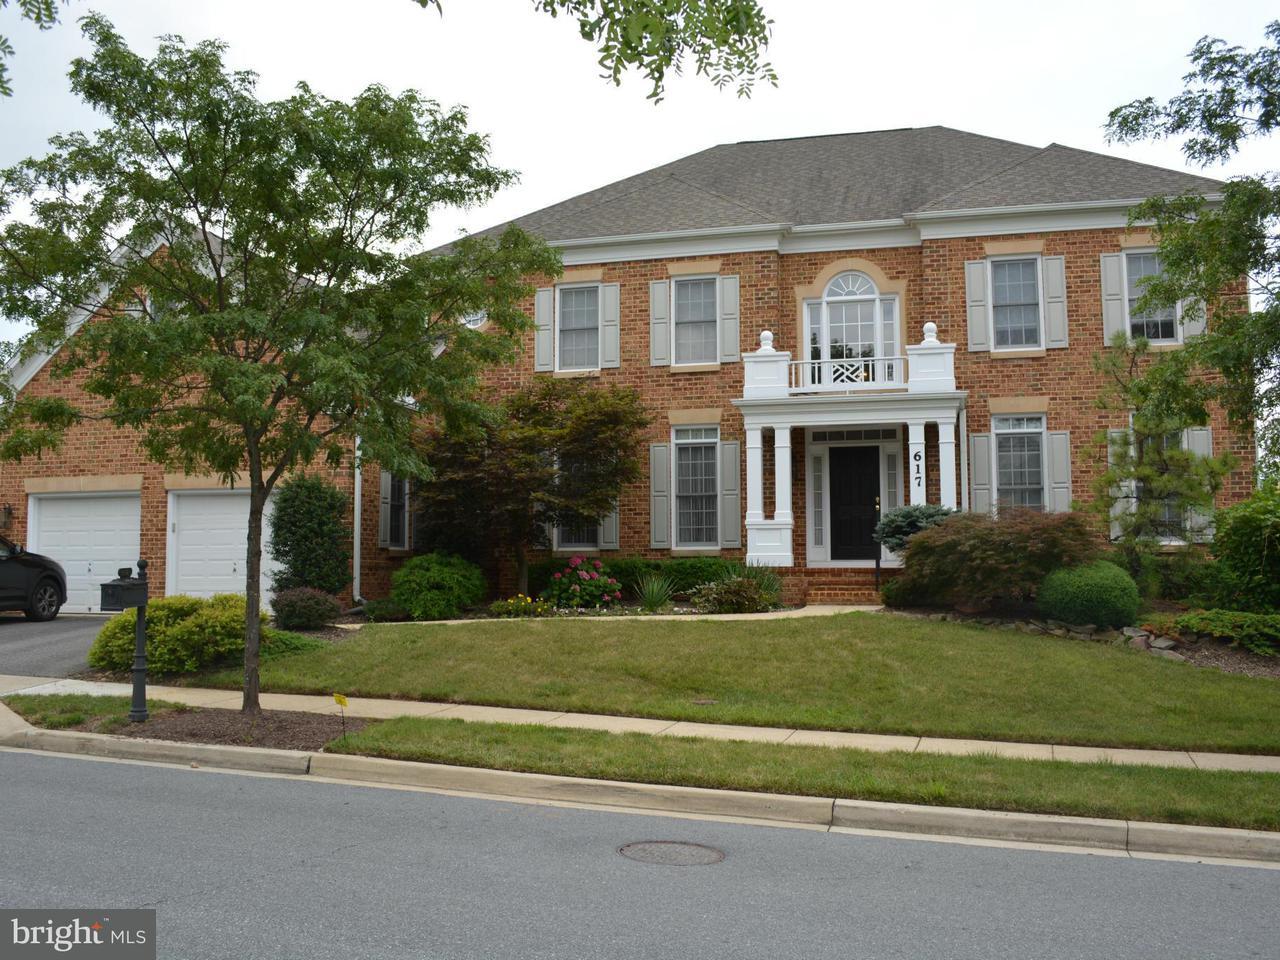 단독 가정 주택 용 매매 에 617 OAK KNOLL TER 617 OAK KNOLL TER Rockville, 메릴랜드 20850 미국